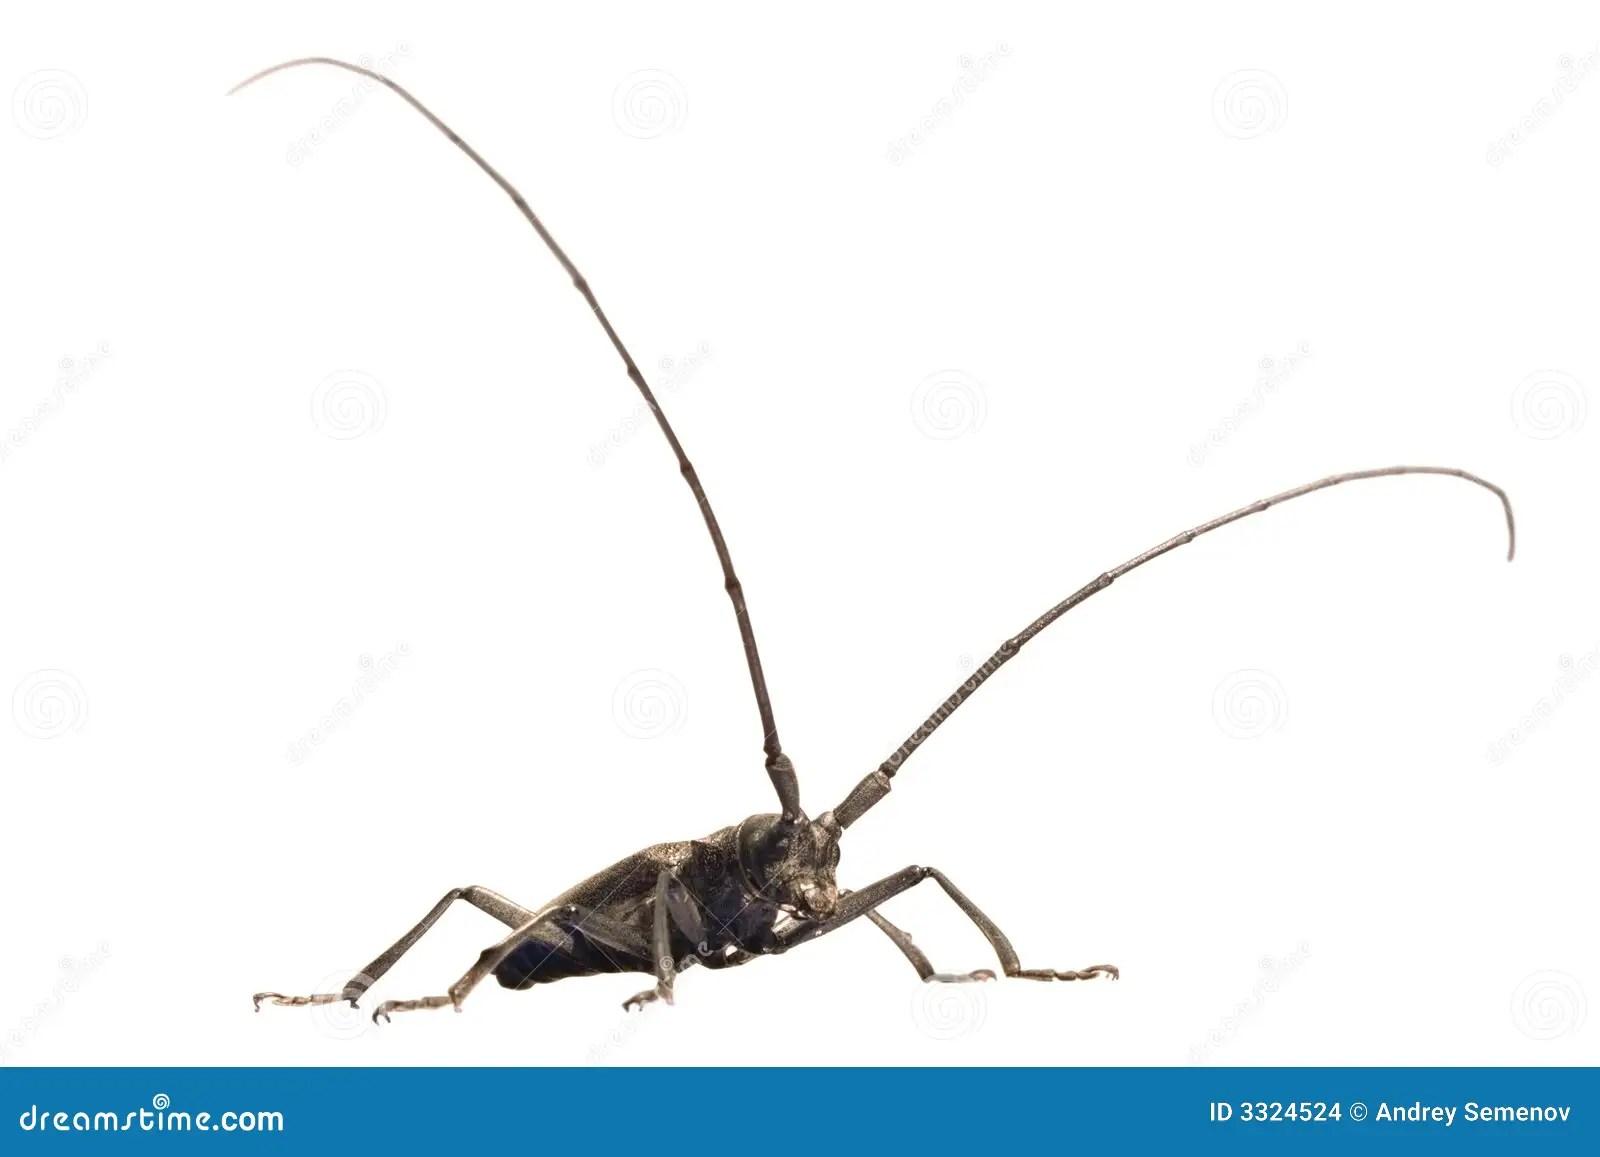 Beetle With Lengthy Feelers Stock Photo